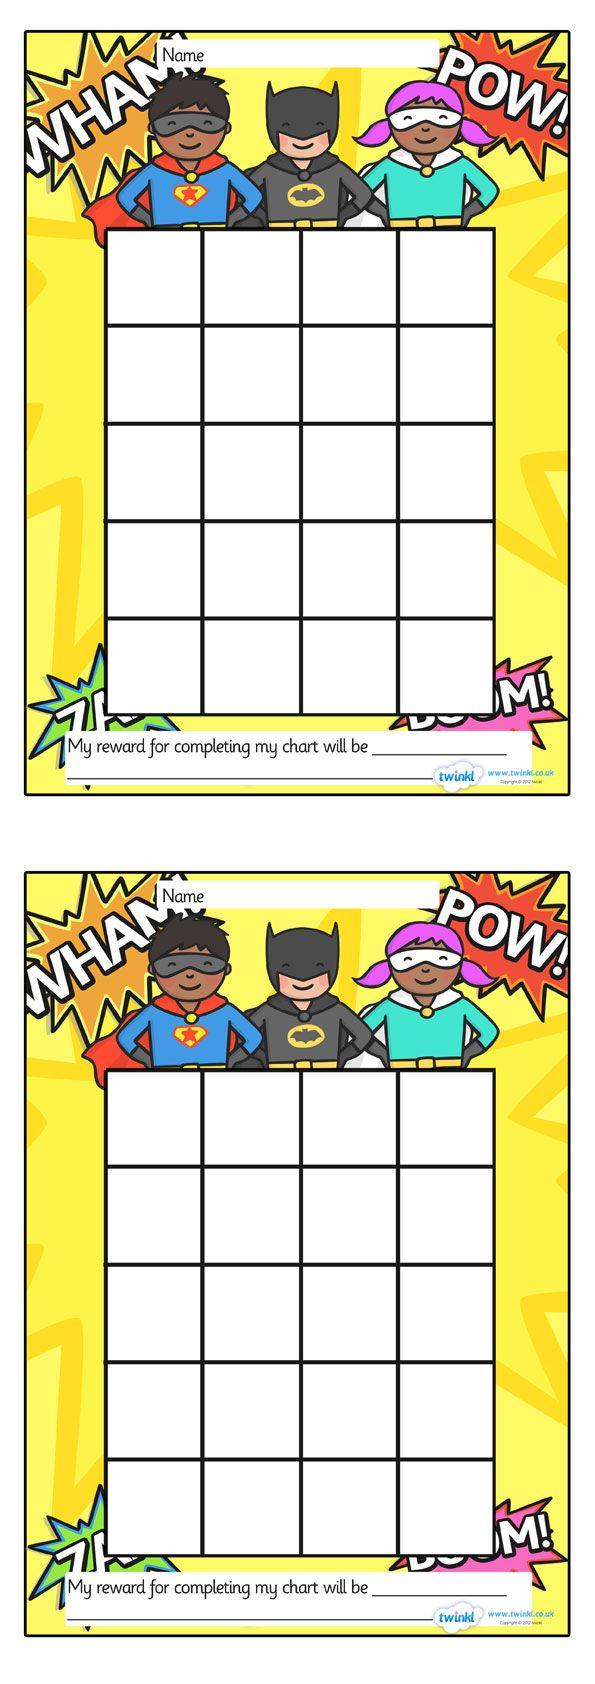 Twinkl Resources >> Superhero Sticker/Stamp Reward Chart ...